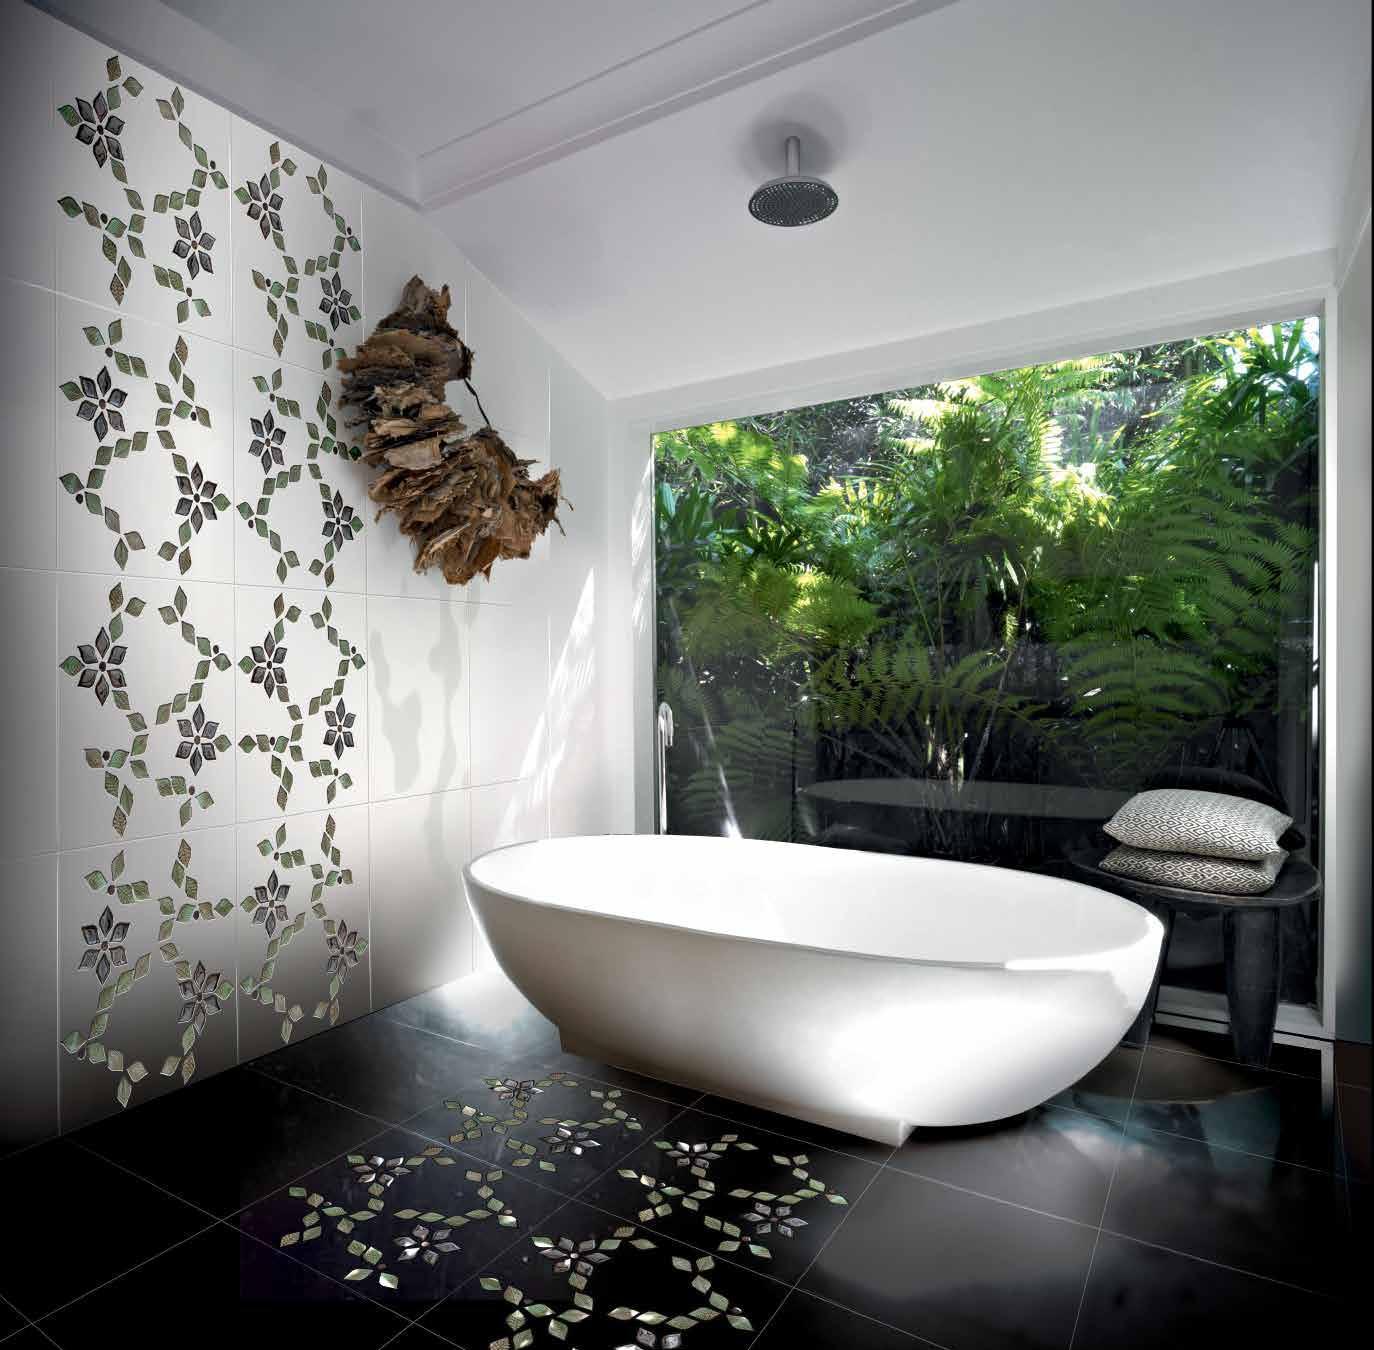 صور استخدام اشكال الزهور البارزة في حائط الحمام روعه